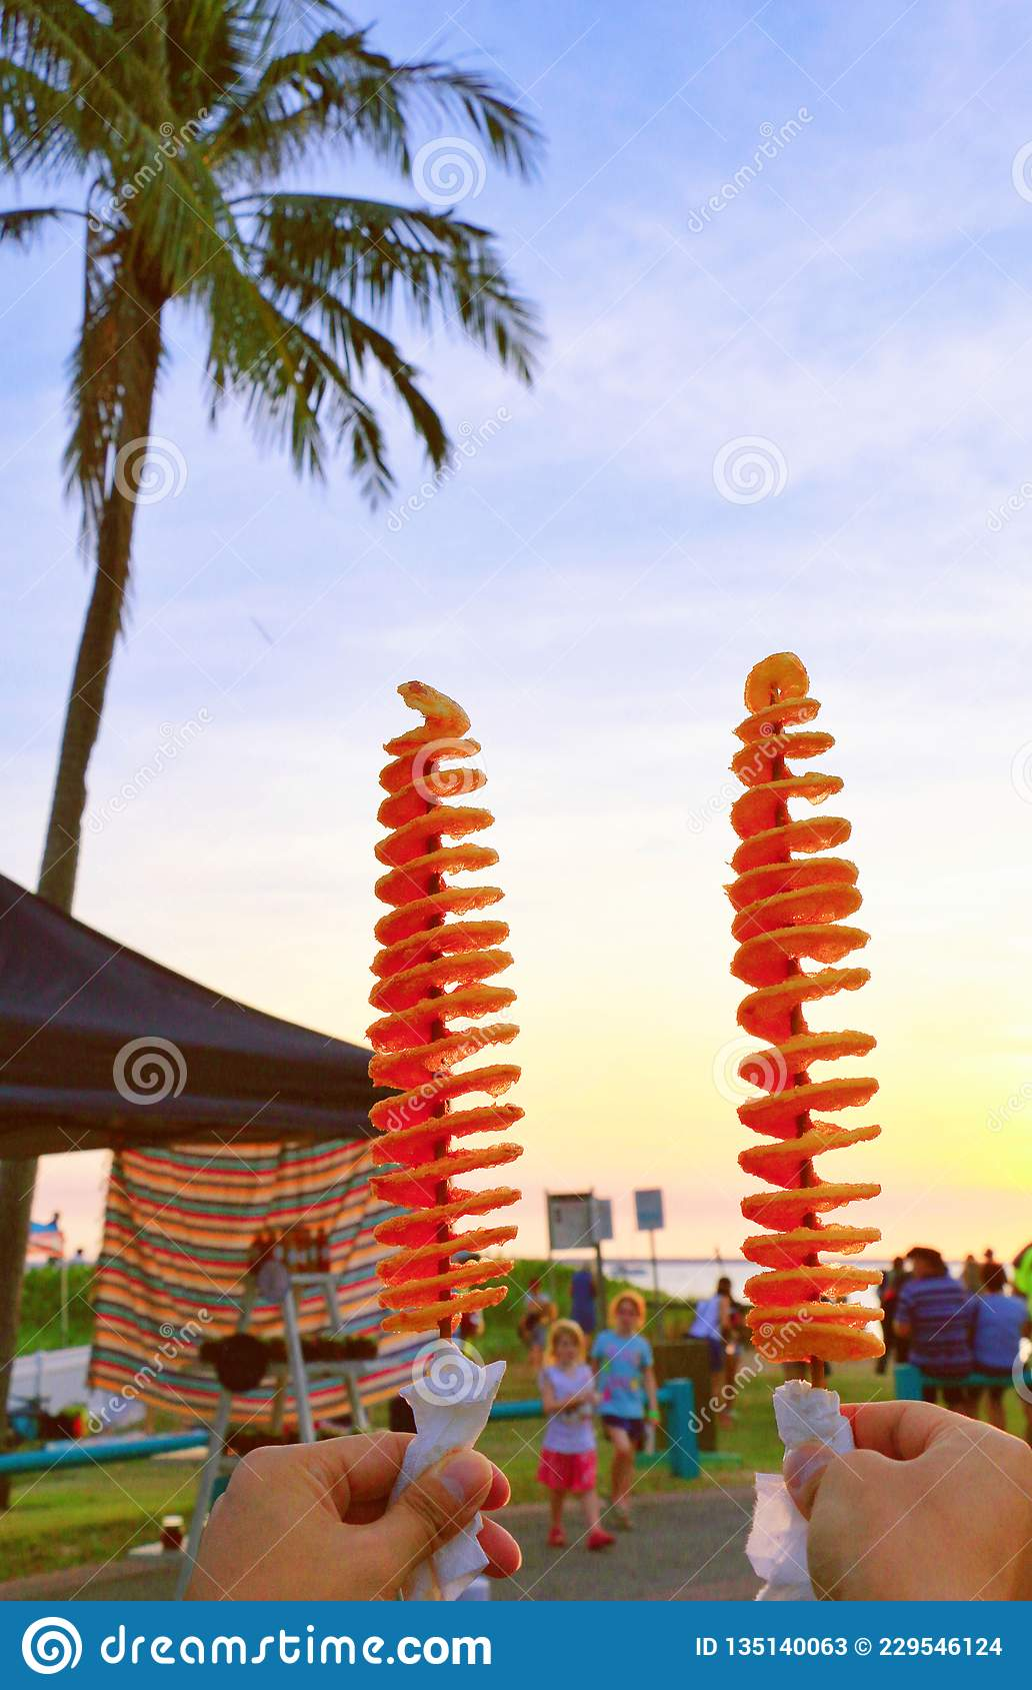 Potato tower cheers to sunset